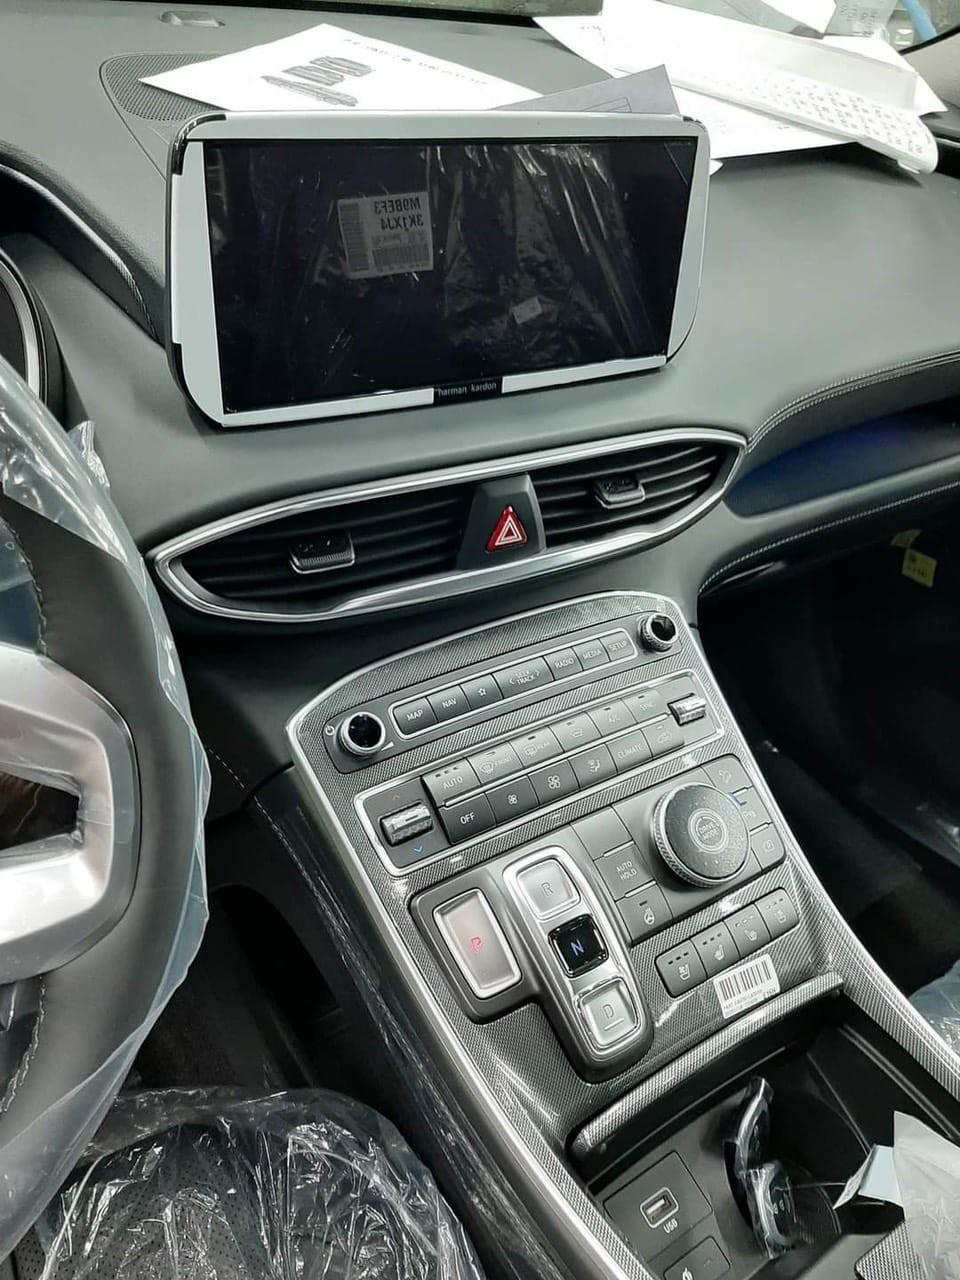 Hình ảnh chụp nội thất được cho là của Hyundai Santa Fe 2021 sắp ra mắt Việt Nam.